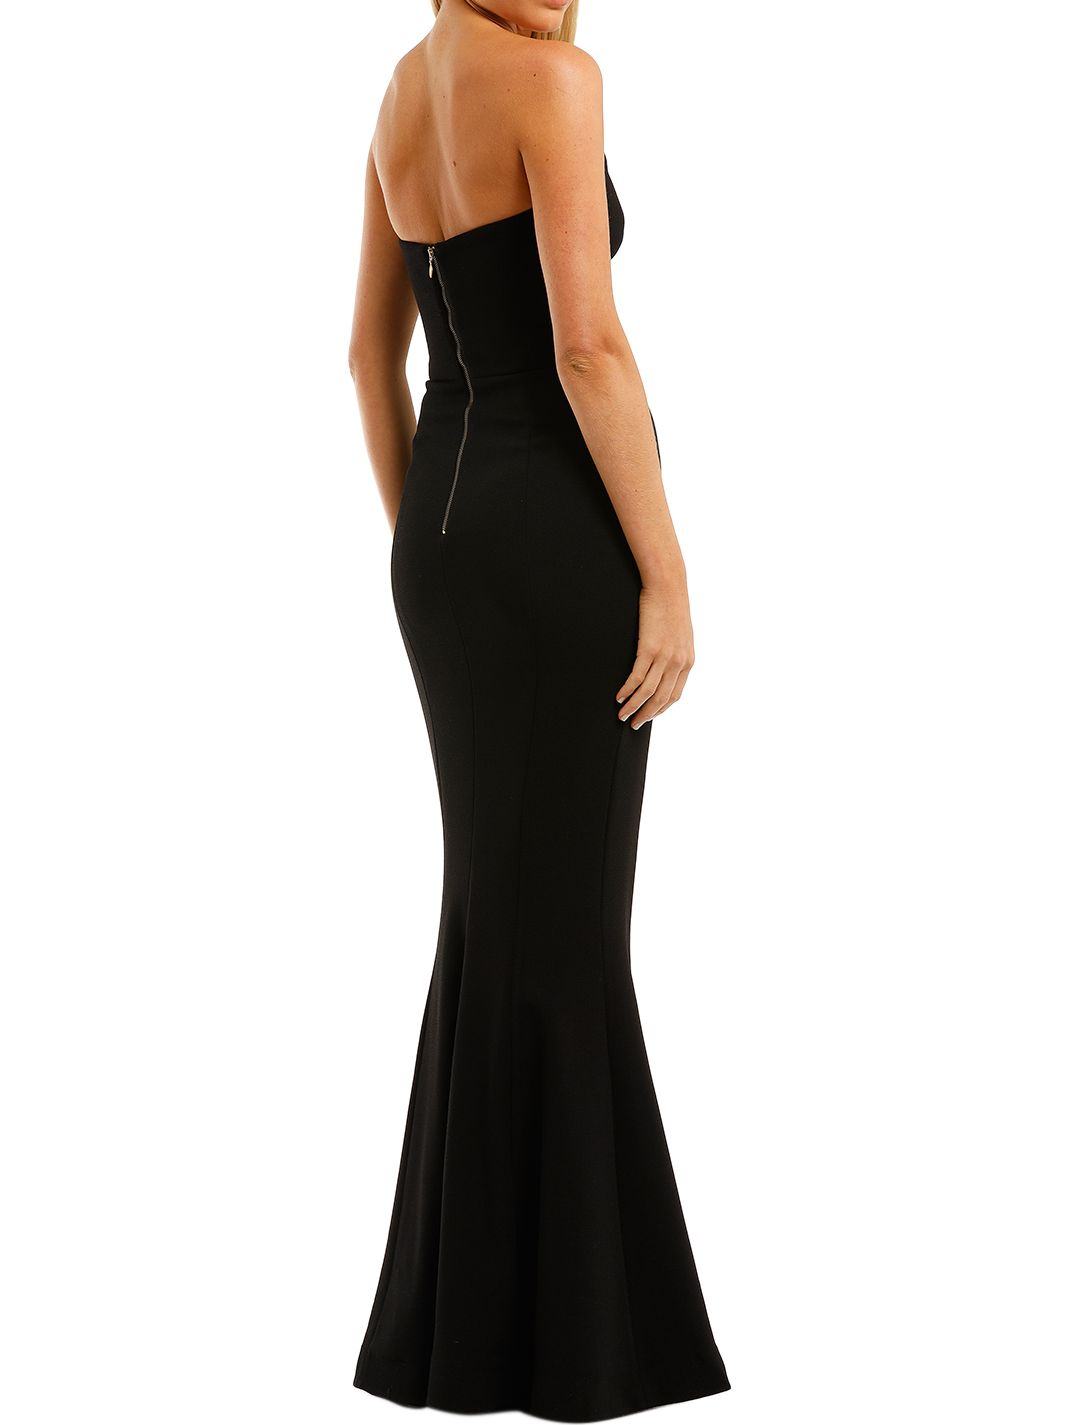 Rebecca-Vallance-Dahlia-Gown-Black-Back